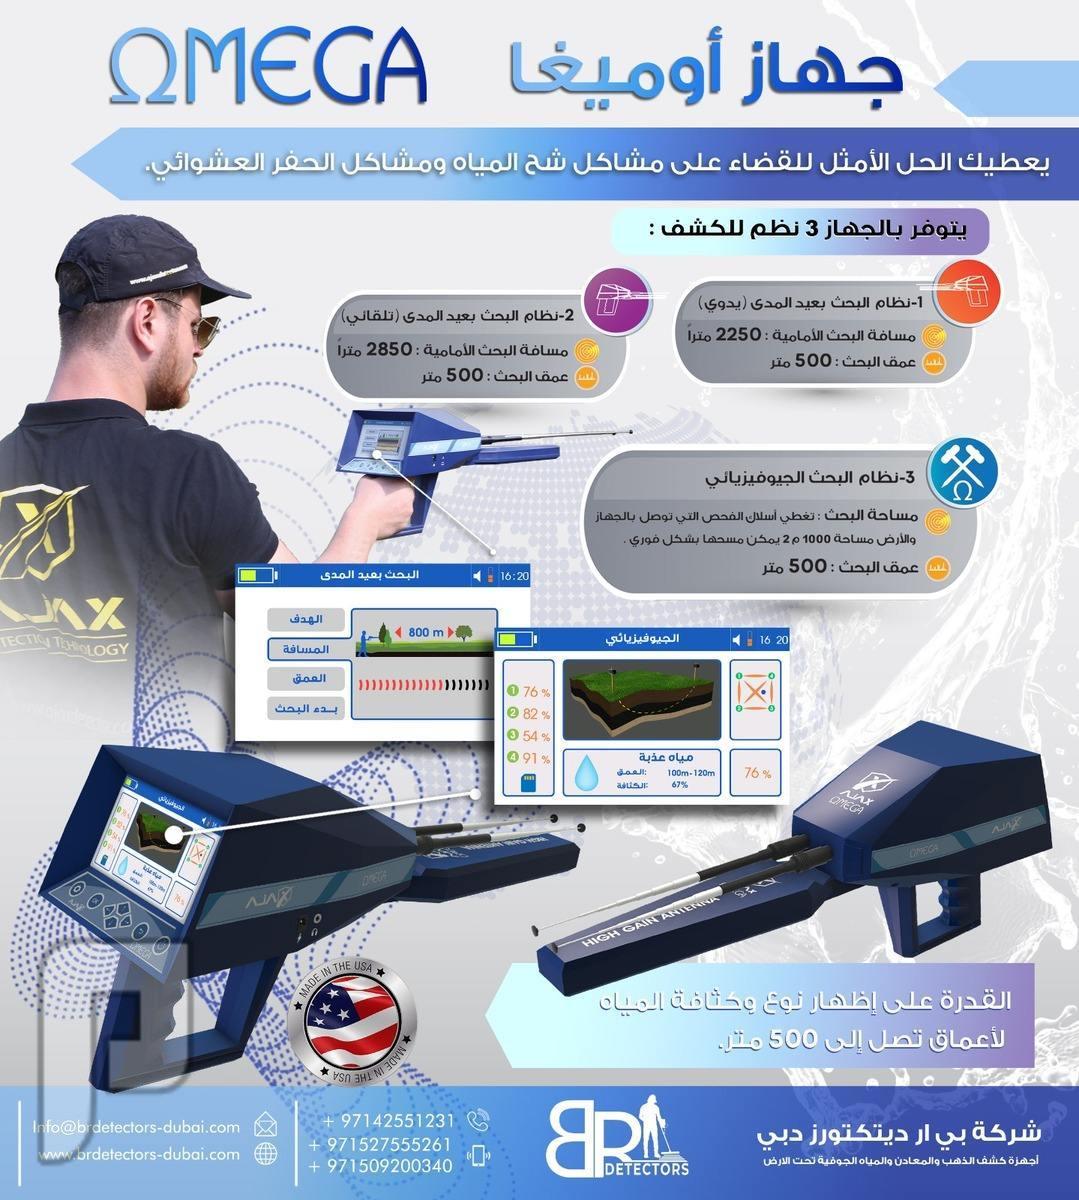 اجهزة الكشف عن المياه الجوفية والابار اوميغا OMEGA اجهزة الكشف عن المياه الجوفية والابار اوميغا OMEGA